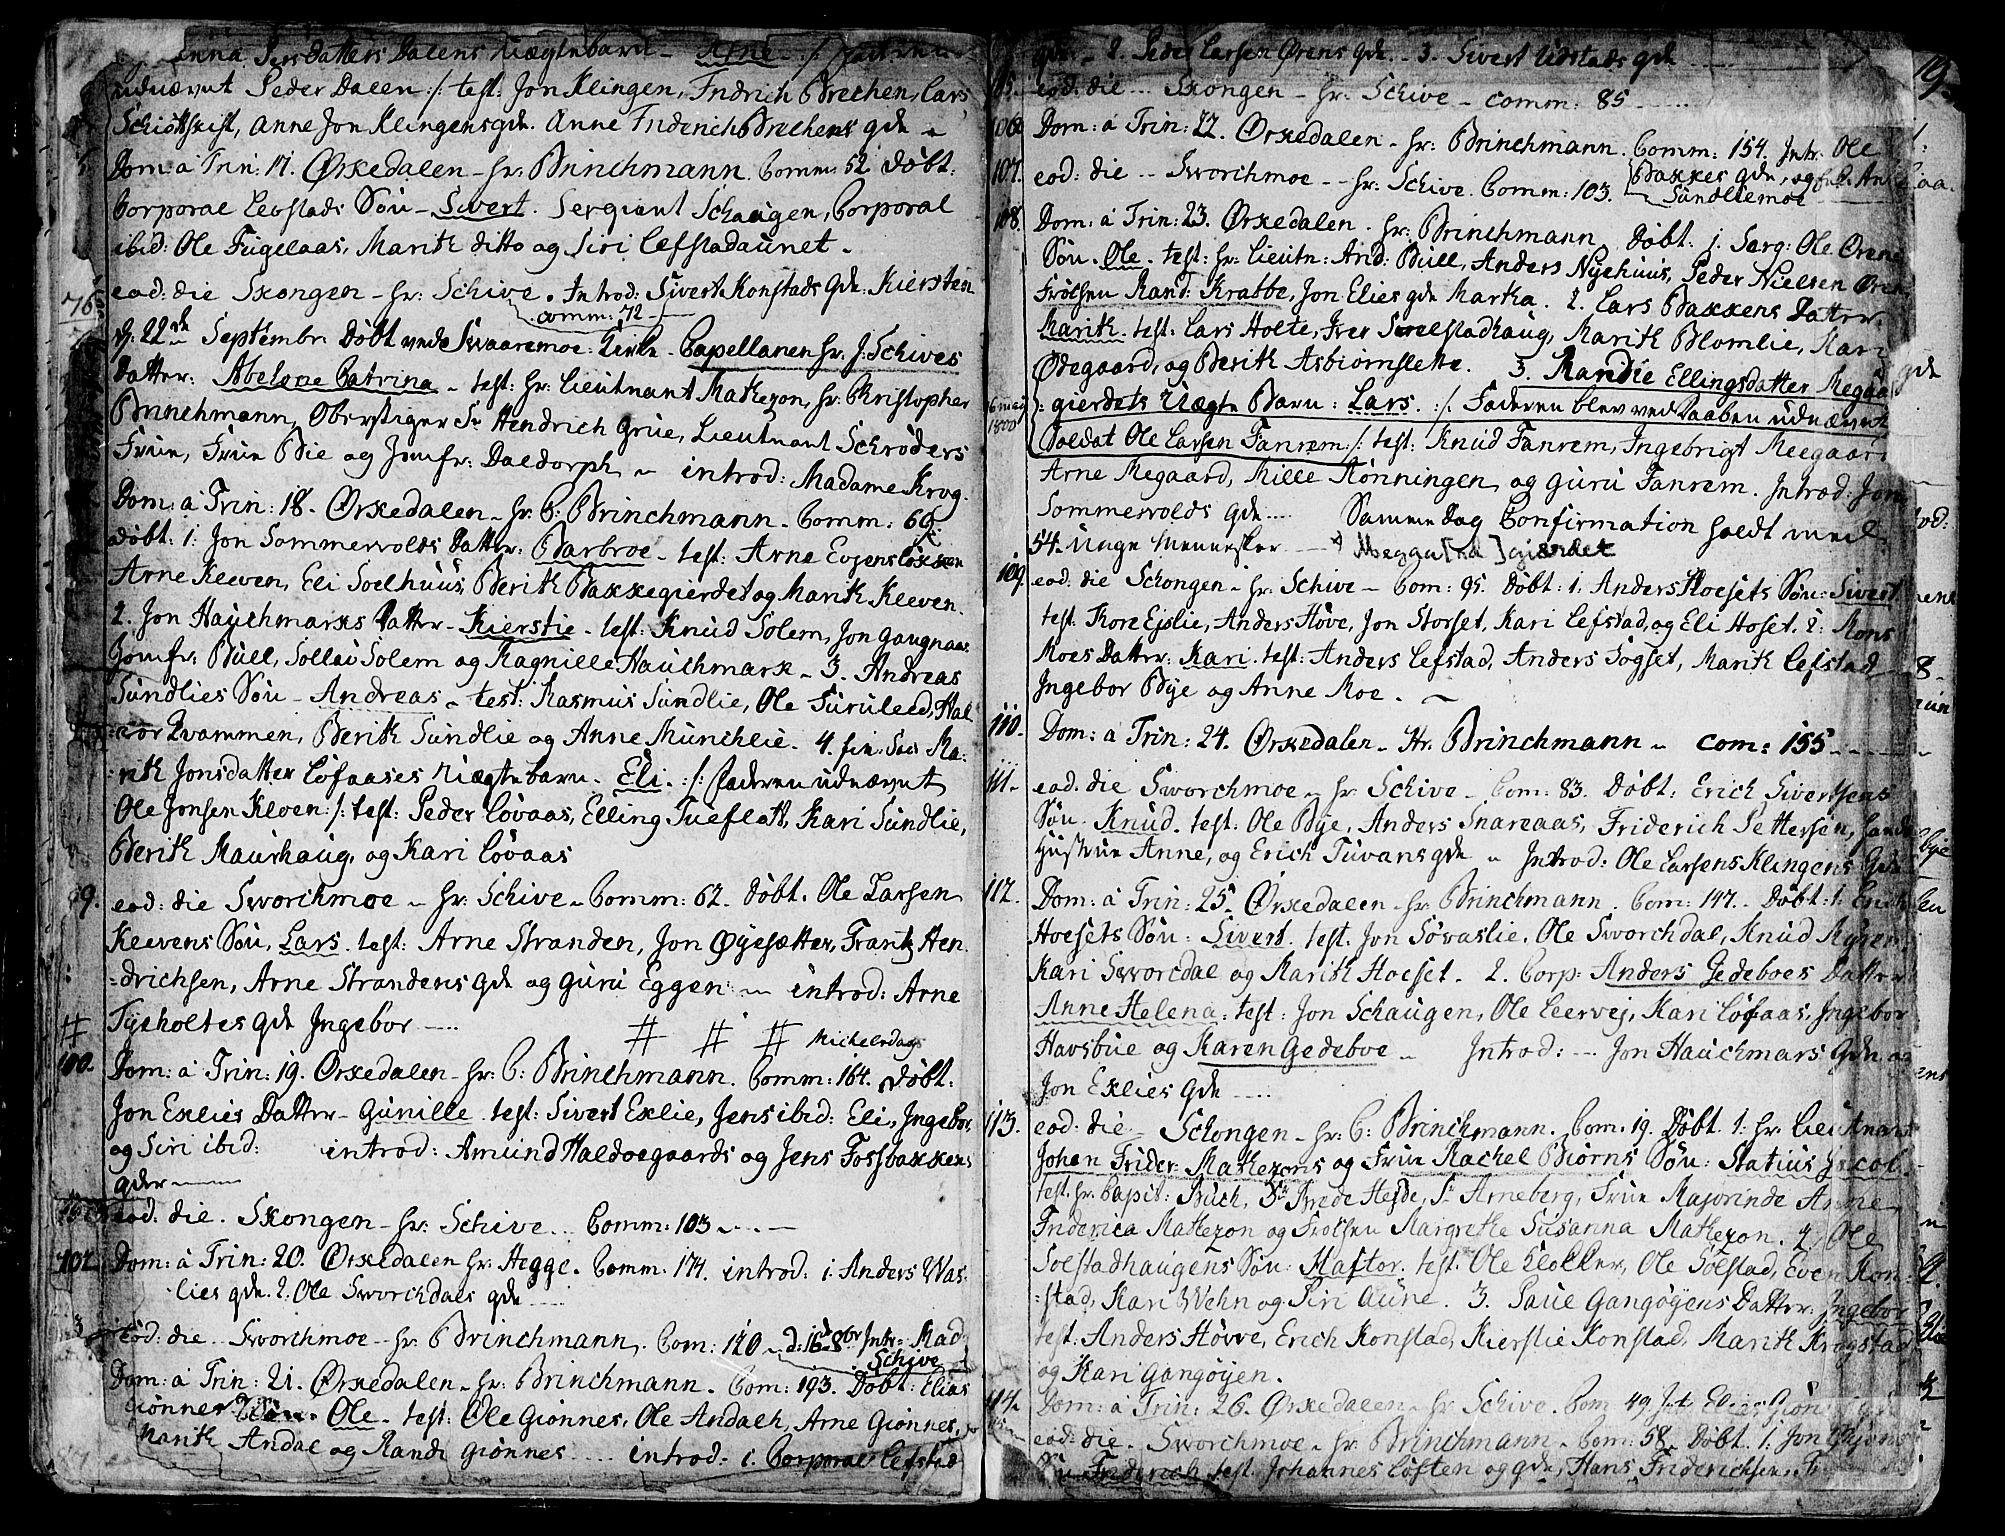 SAT, Ministerialprotokoller, klokkerbøker og fødselsregistre - Sør-Trøndelag, 668/L0802: Ministerialbok nr. 668A02, 1776-1799, s. 16-17